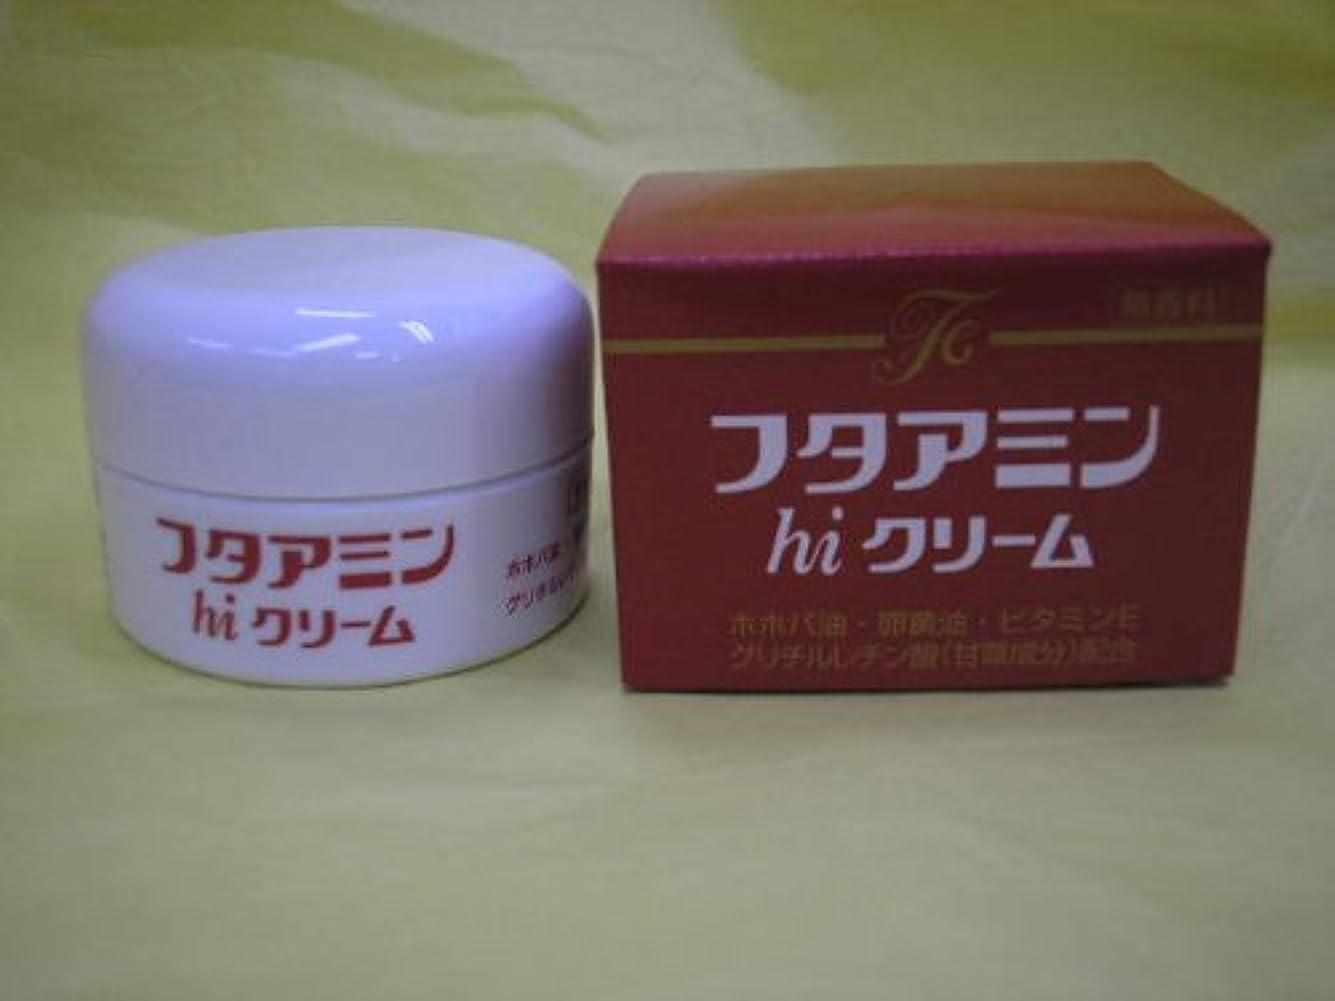 書士野望カップフタアミンhiクリーム 55g(無香料)医薬部外品